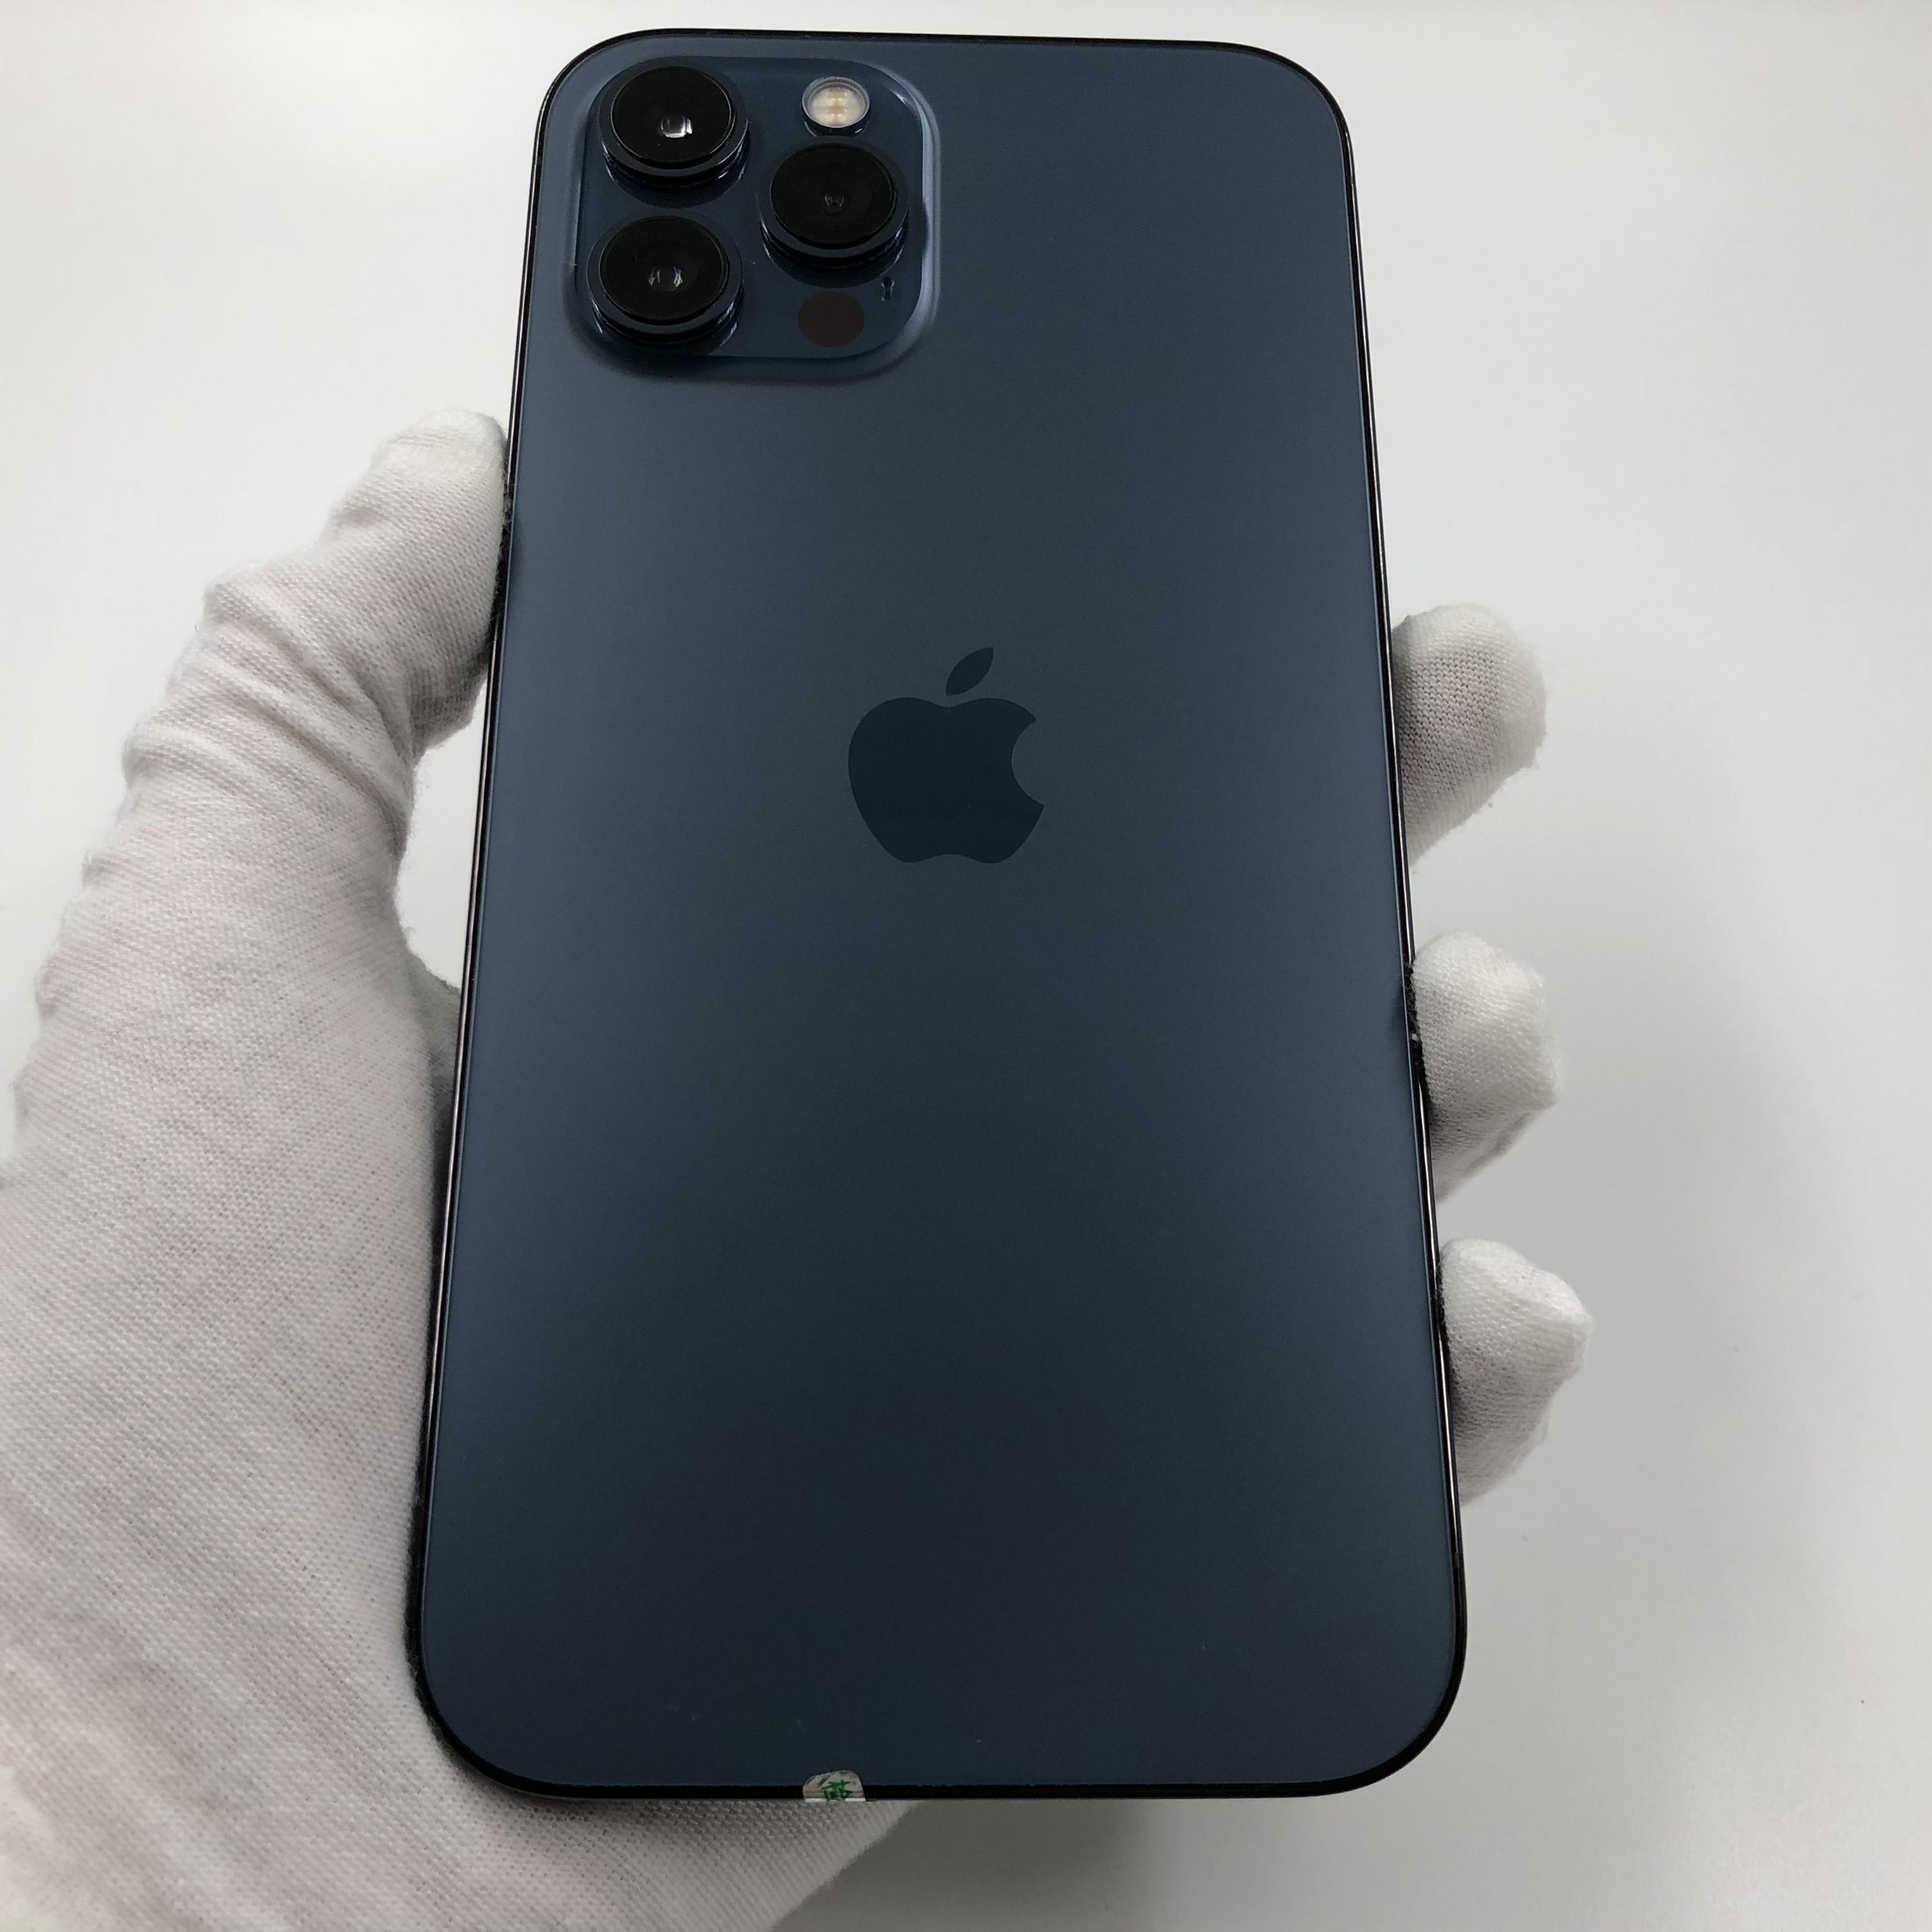 苹果【iPhone 12 Pro Max】5G全网通 海蓝色 256G 国行 8成新 真机实拍官保2021-11-12